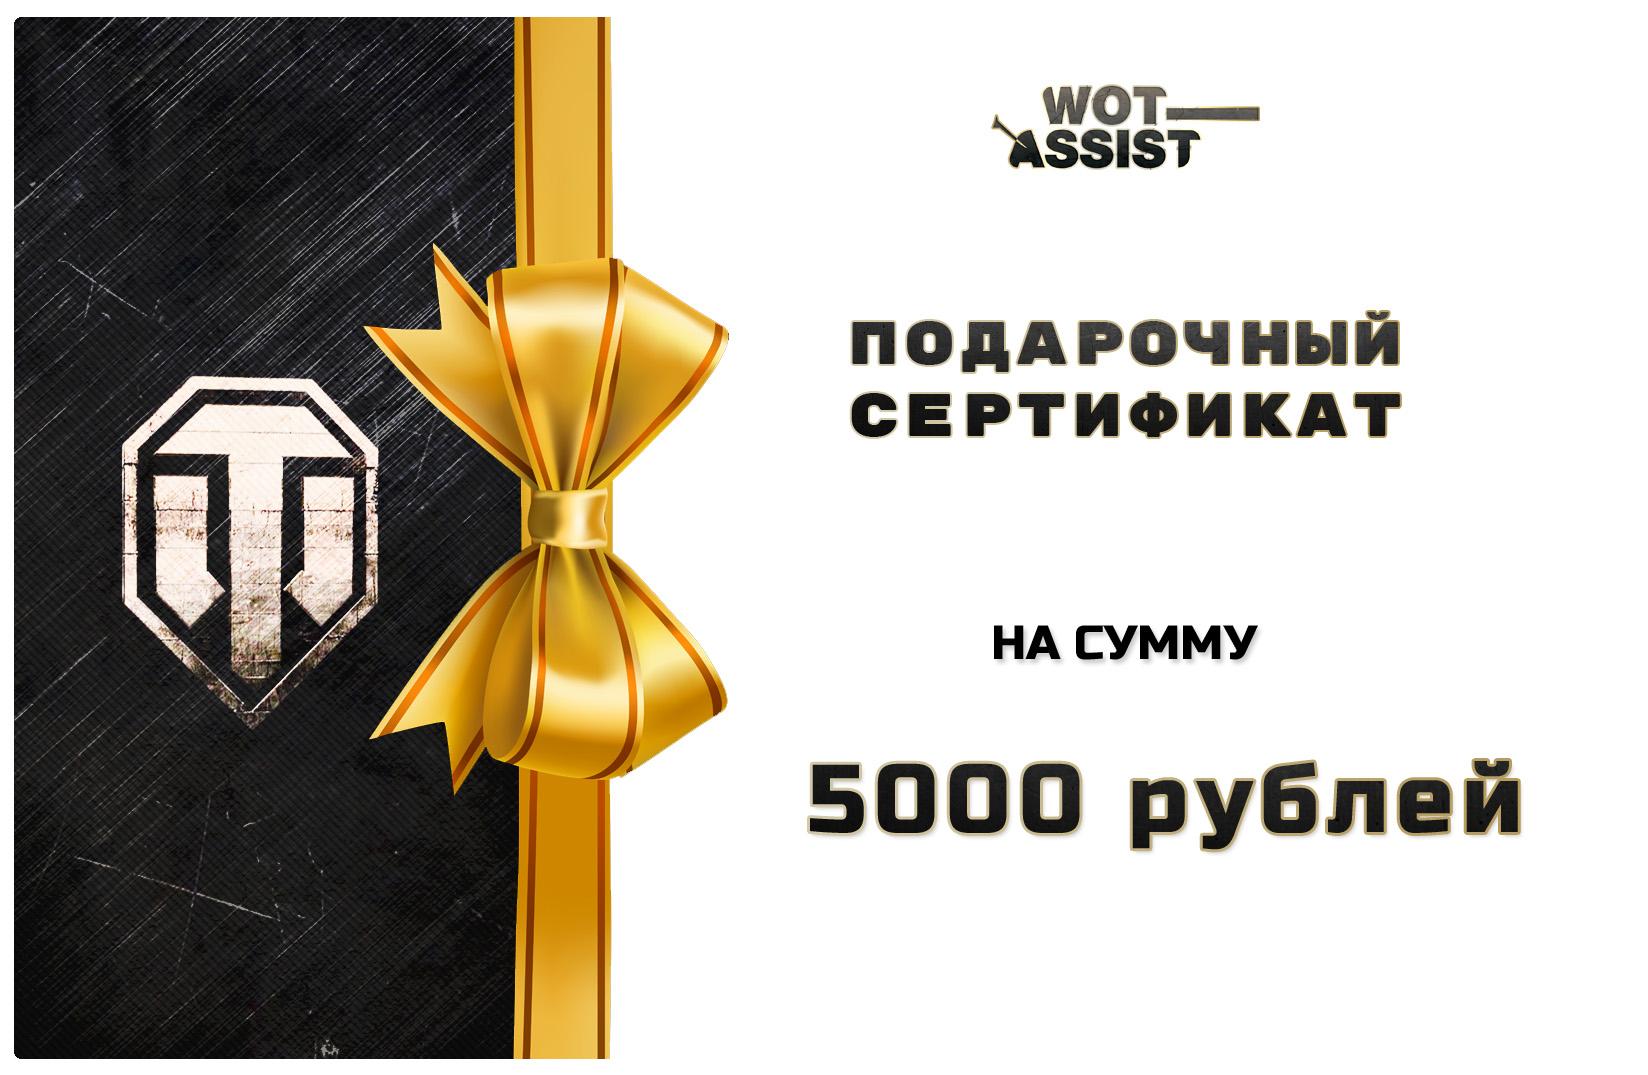 подарочный сертификат wot assist